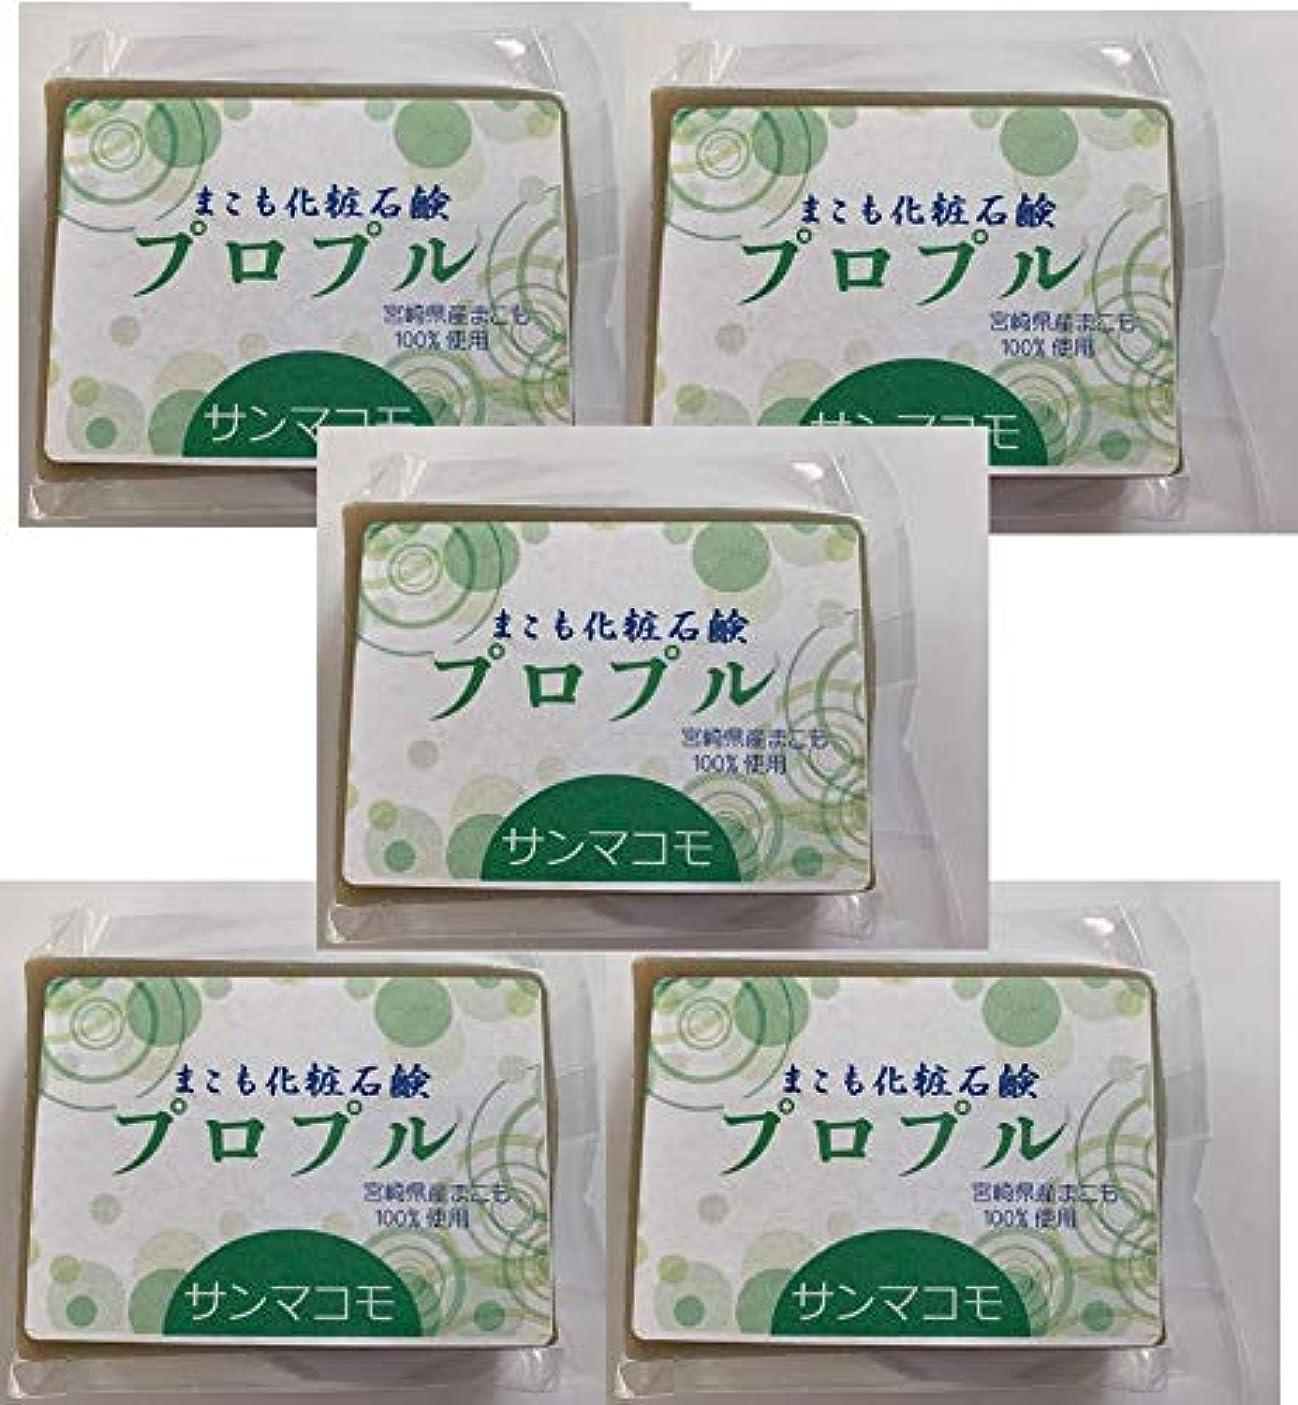 シーボード試験拡散するまこも化粧石鹸 プロプル 90g 5個セット